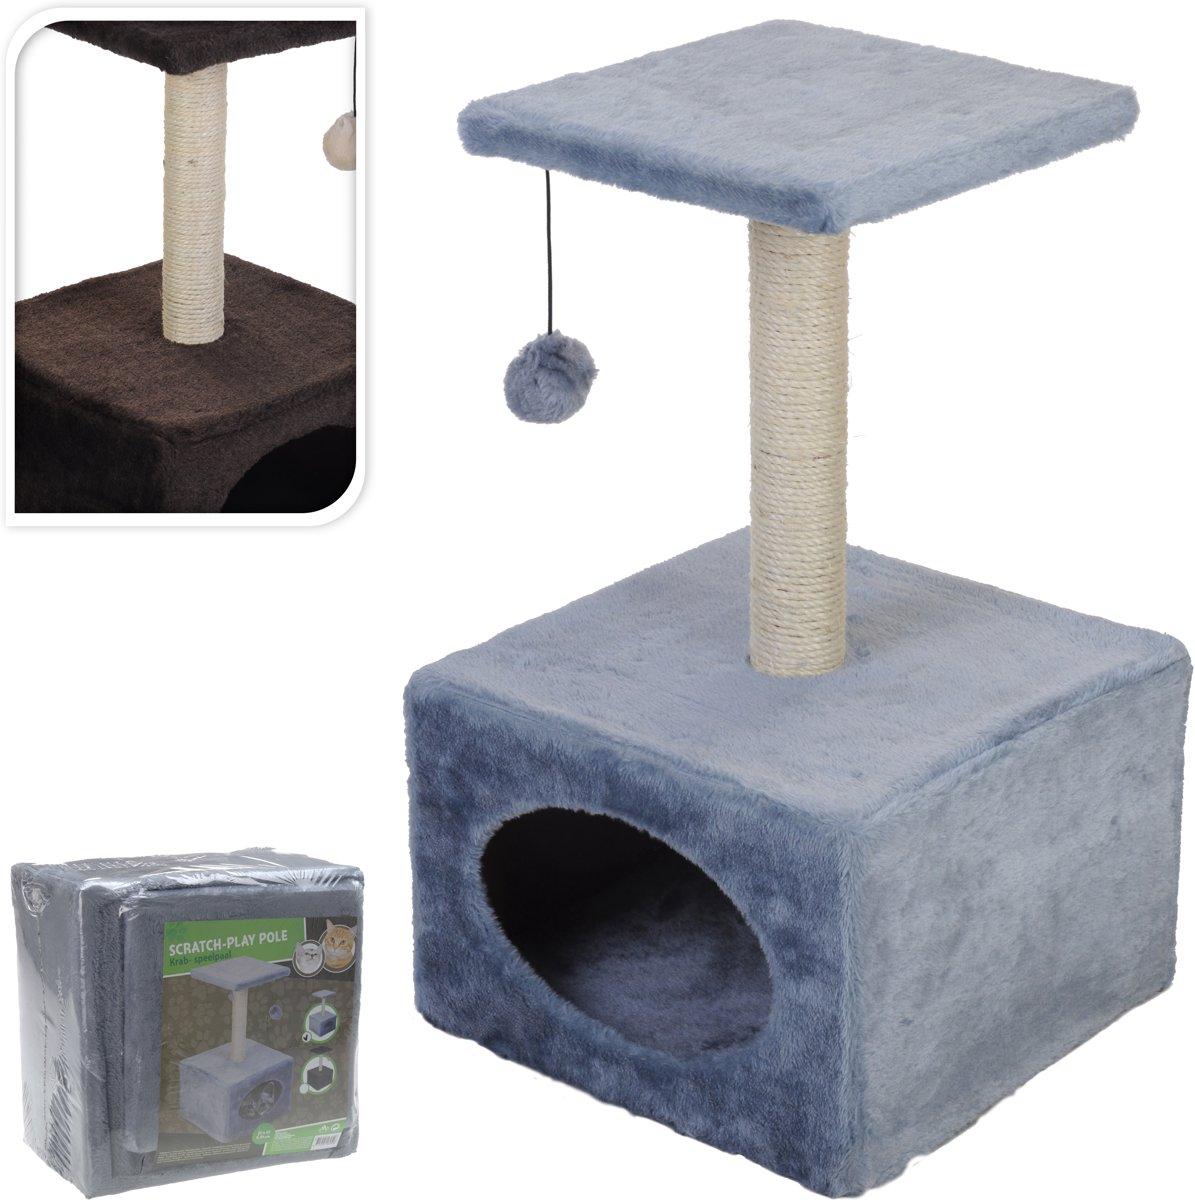 Kattenspeeltoren - Bruin